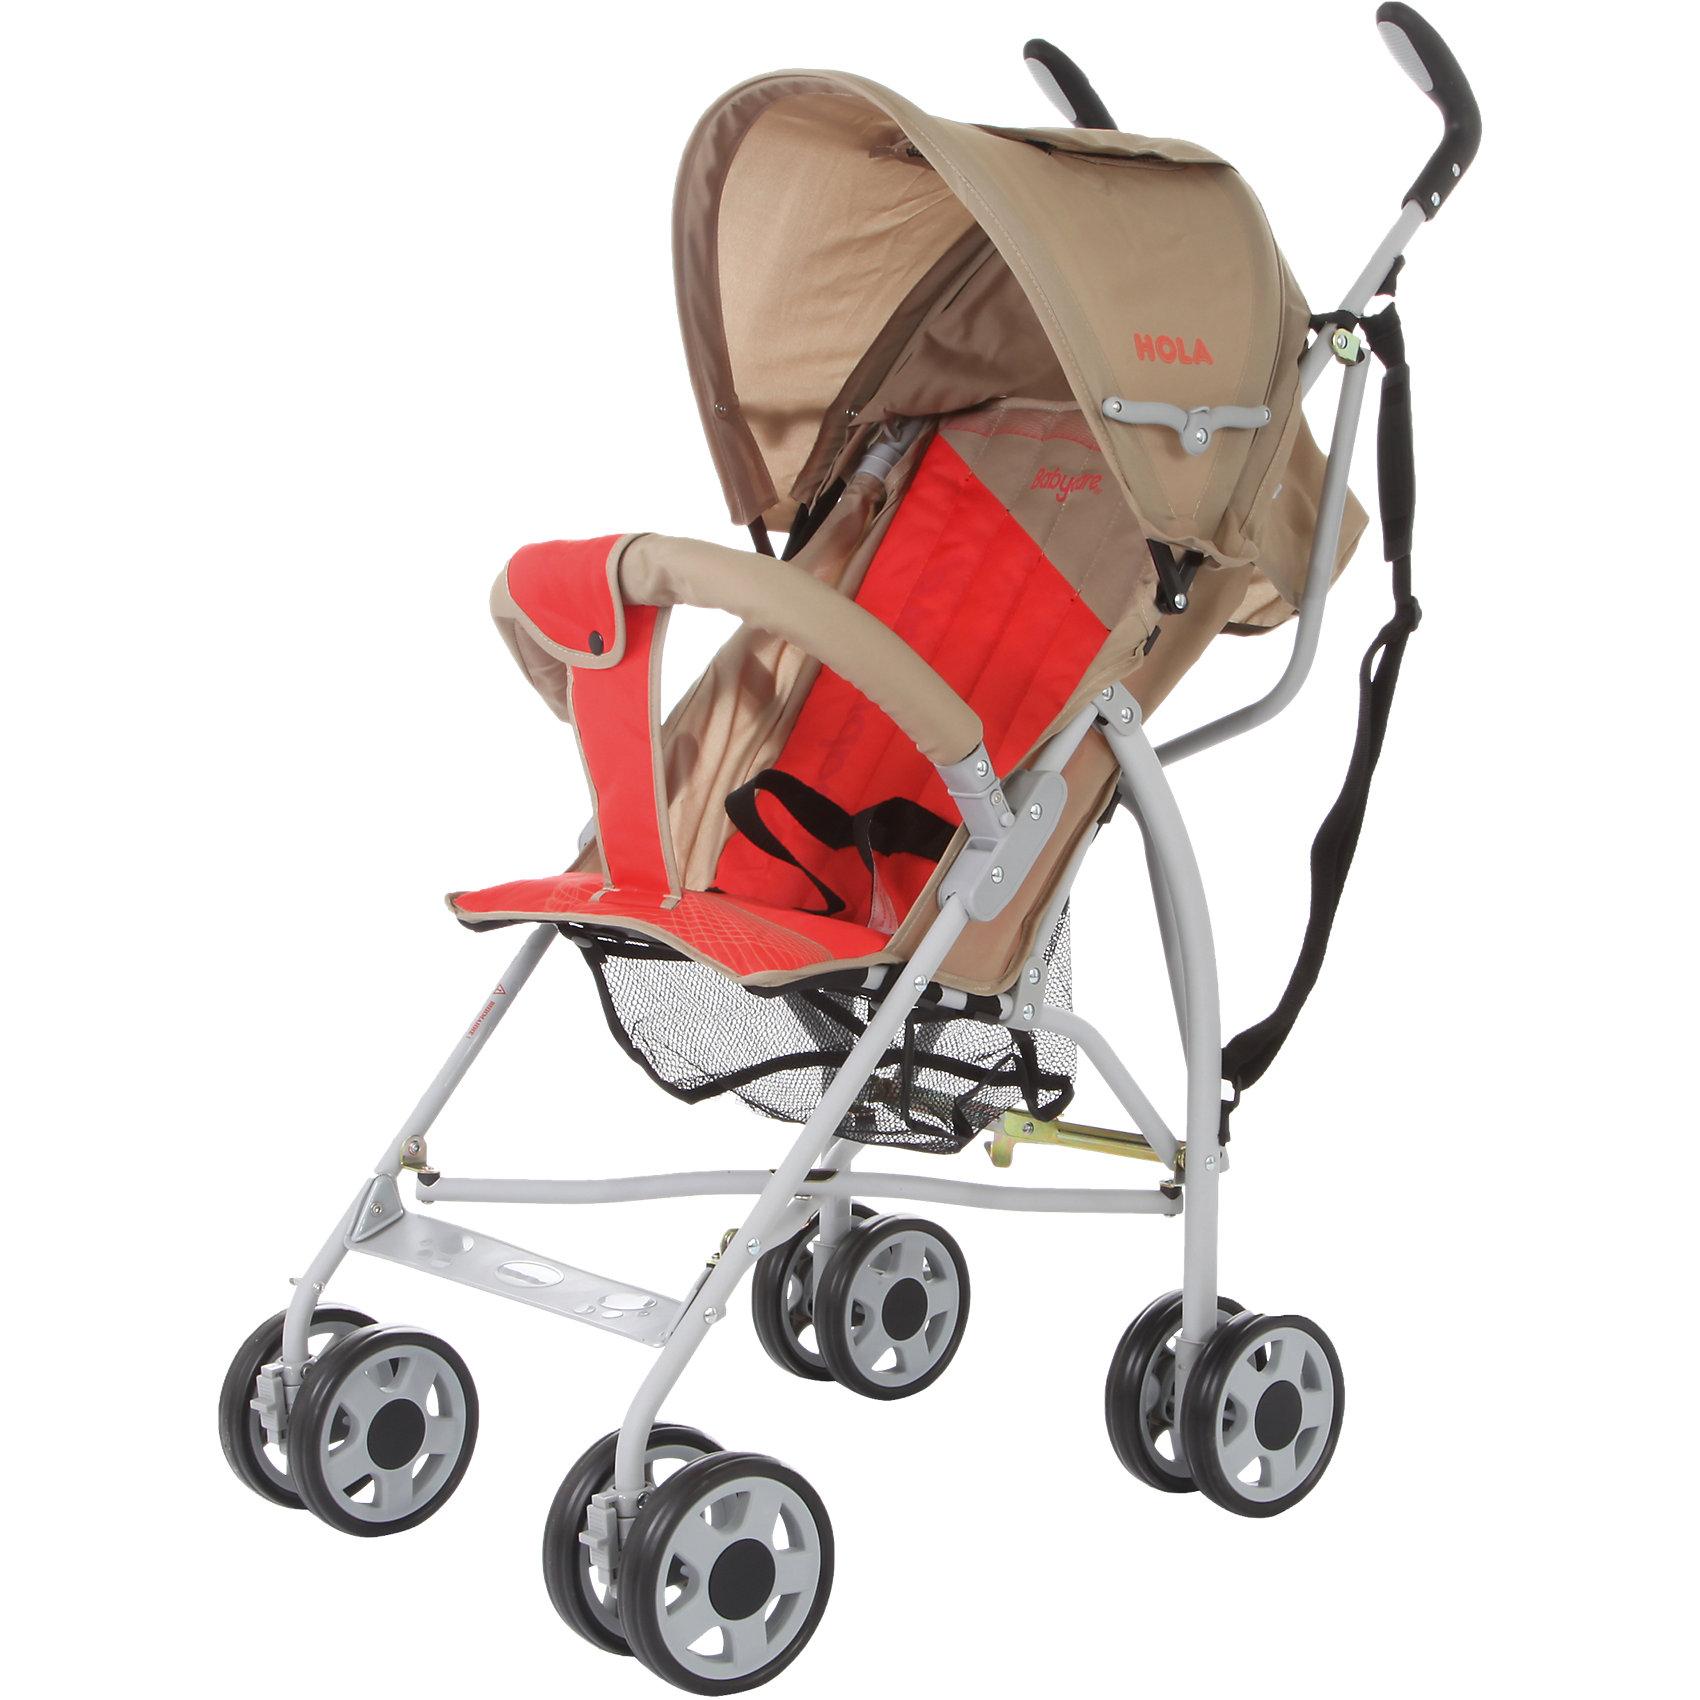 Коляска-трость Baby Care Hola, серый/красныйКоляски-трости<br>Baby Care Hola – супер легкая коляска-трость. Отличный выбор для летних прогулок или поездки на отдых. Коляска очень компактно складывается. Ее можно взять с собой на самолет, она не займет много места в автомобиле.Hola чрезвычайно маневренна. Передние колеса поворотные, но их можно фиксировать для езды по прямой. Для удобства переноски коляска оснащена плечевым ремешком. Основные преимущества коляски – сверхлегкий вес и эргономичность. Ее можно переносить мизинцем. В данной модели сохранен только необходимый функционал. Спинка может раскладываться в двух положениях, а капюшон, несмотря на небольшой размер, хорошо защищает от ультрафиолета и легких осадков. Колеса выполнены из мягкой вспененной резины (пеноплена) и прекрасно гасят вибрации.<br><br>Дополнительная информация:<br><br>Размеры в сложенном виде - 24x87x23 см<br>Размеры упаковки - 107x25x30 см<br>Ширина колесной базы - 45 см.<br>Размеры: ширина сидения – 30 см, глубина сидения – 21 см, высота спинки - 43 см, высота сидения от пола - 35 см, длина спального места – 65 см.<br>Вес: 5,1 кг<br>Диаметр колес: 13 см<br><br>Коляску-трость Hola, Baby Care, цвет серый/красный можно купить в нашем магазине.<br><br>Ширина мм: 1070<br>Глубина мм: 250<br>Высота мм: 300<br>Вес г: 6000<br>Возраст от месяцев: 6<br>Возраст до месяцев: 36<br>Пол: Унисекс<br>Возраст: Детский<br>SKU: 4083351